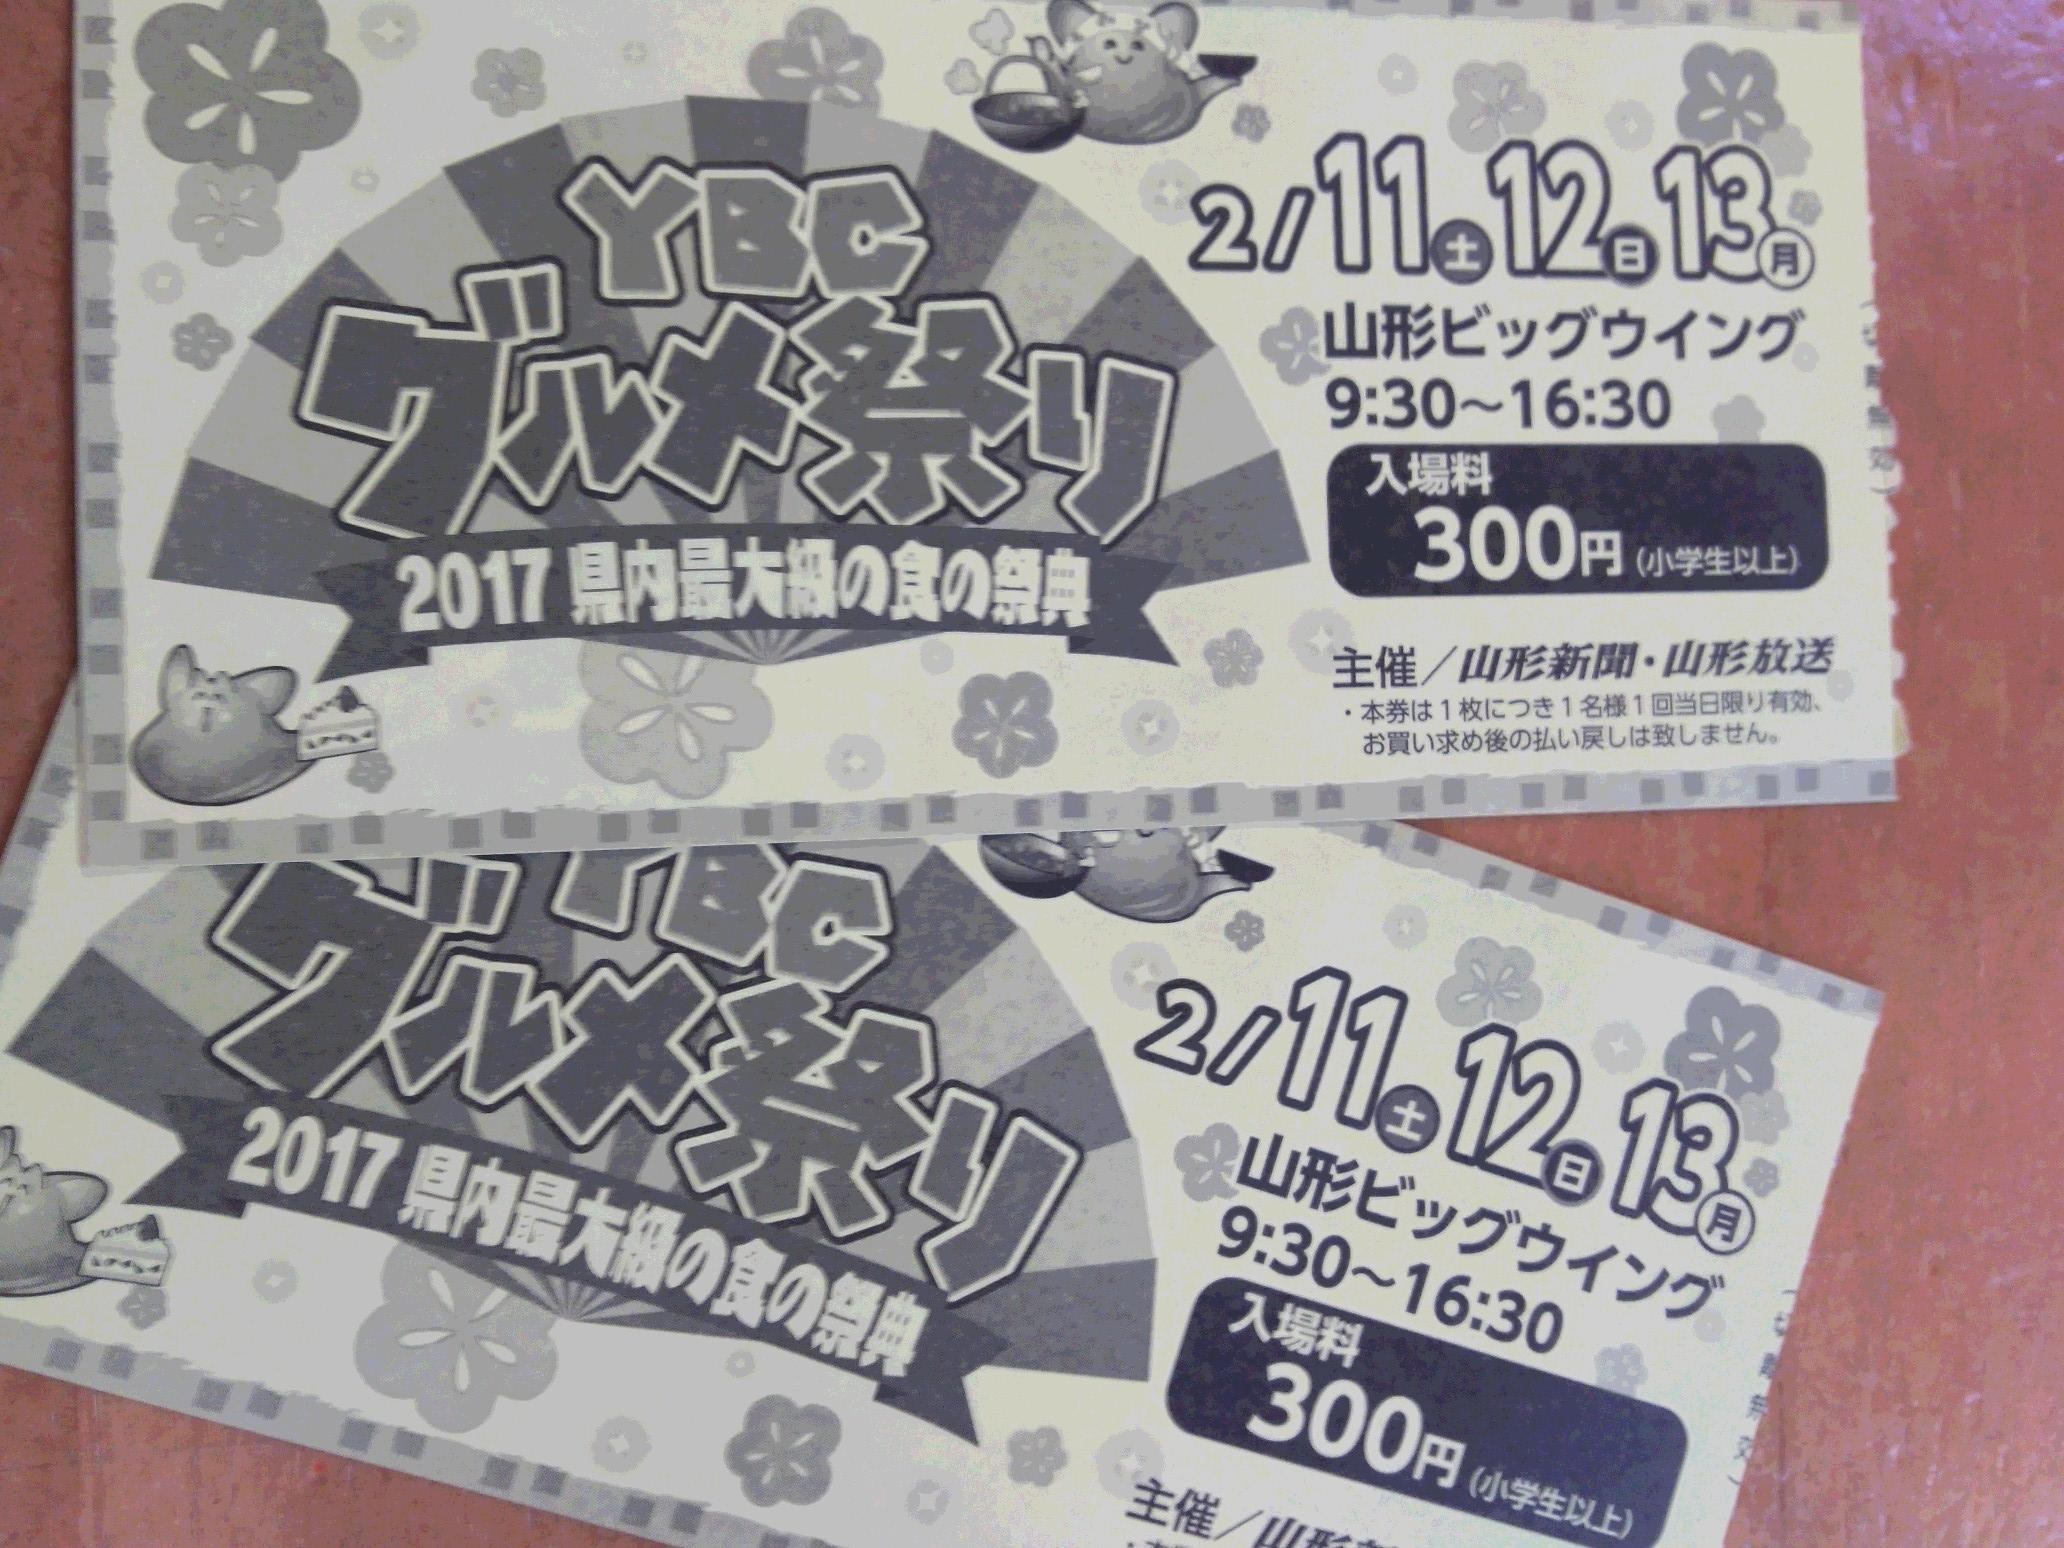 グルメ祭 チケット.